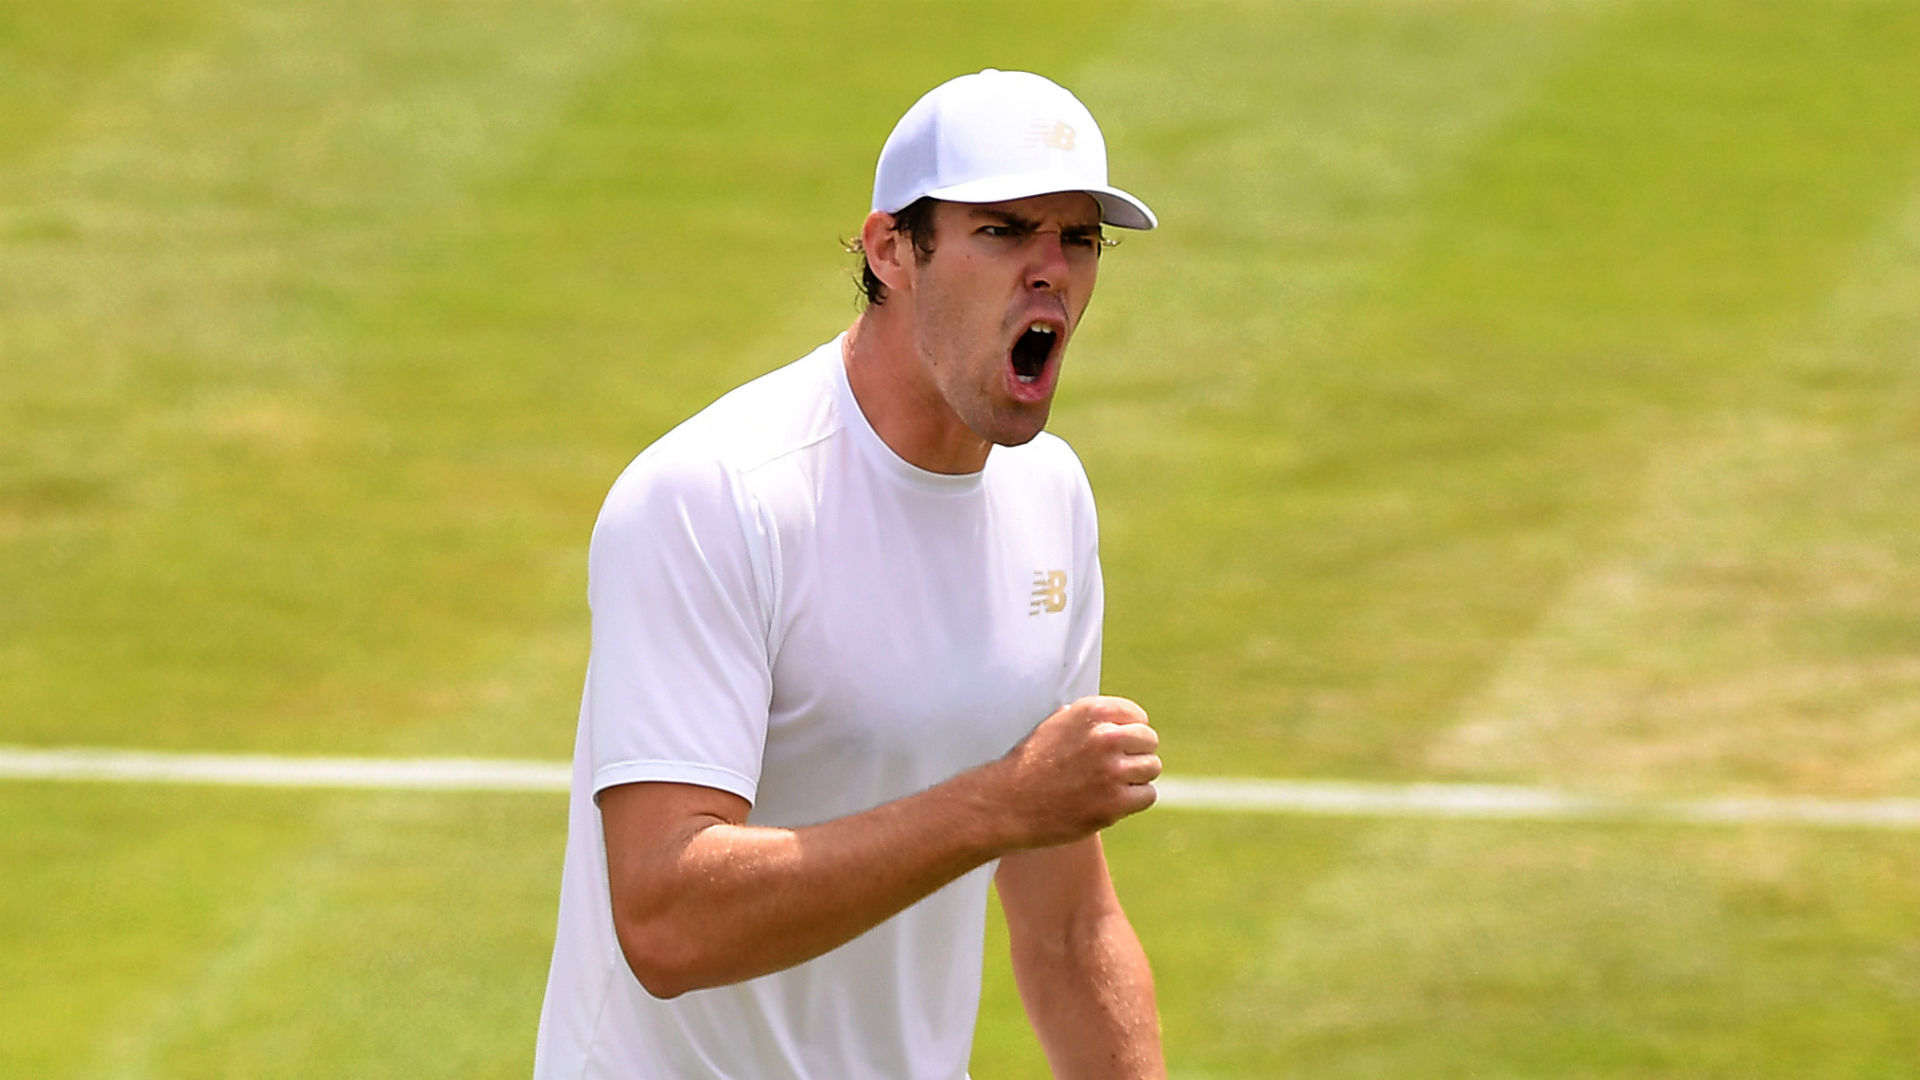 Wimbledon 2019: American Reilly Opelka upsets Stan Wawrinka